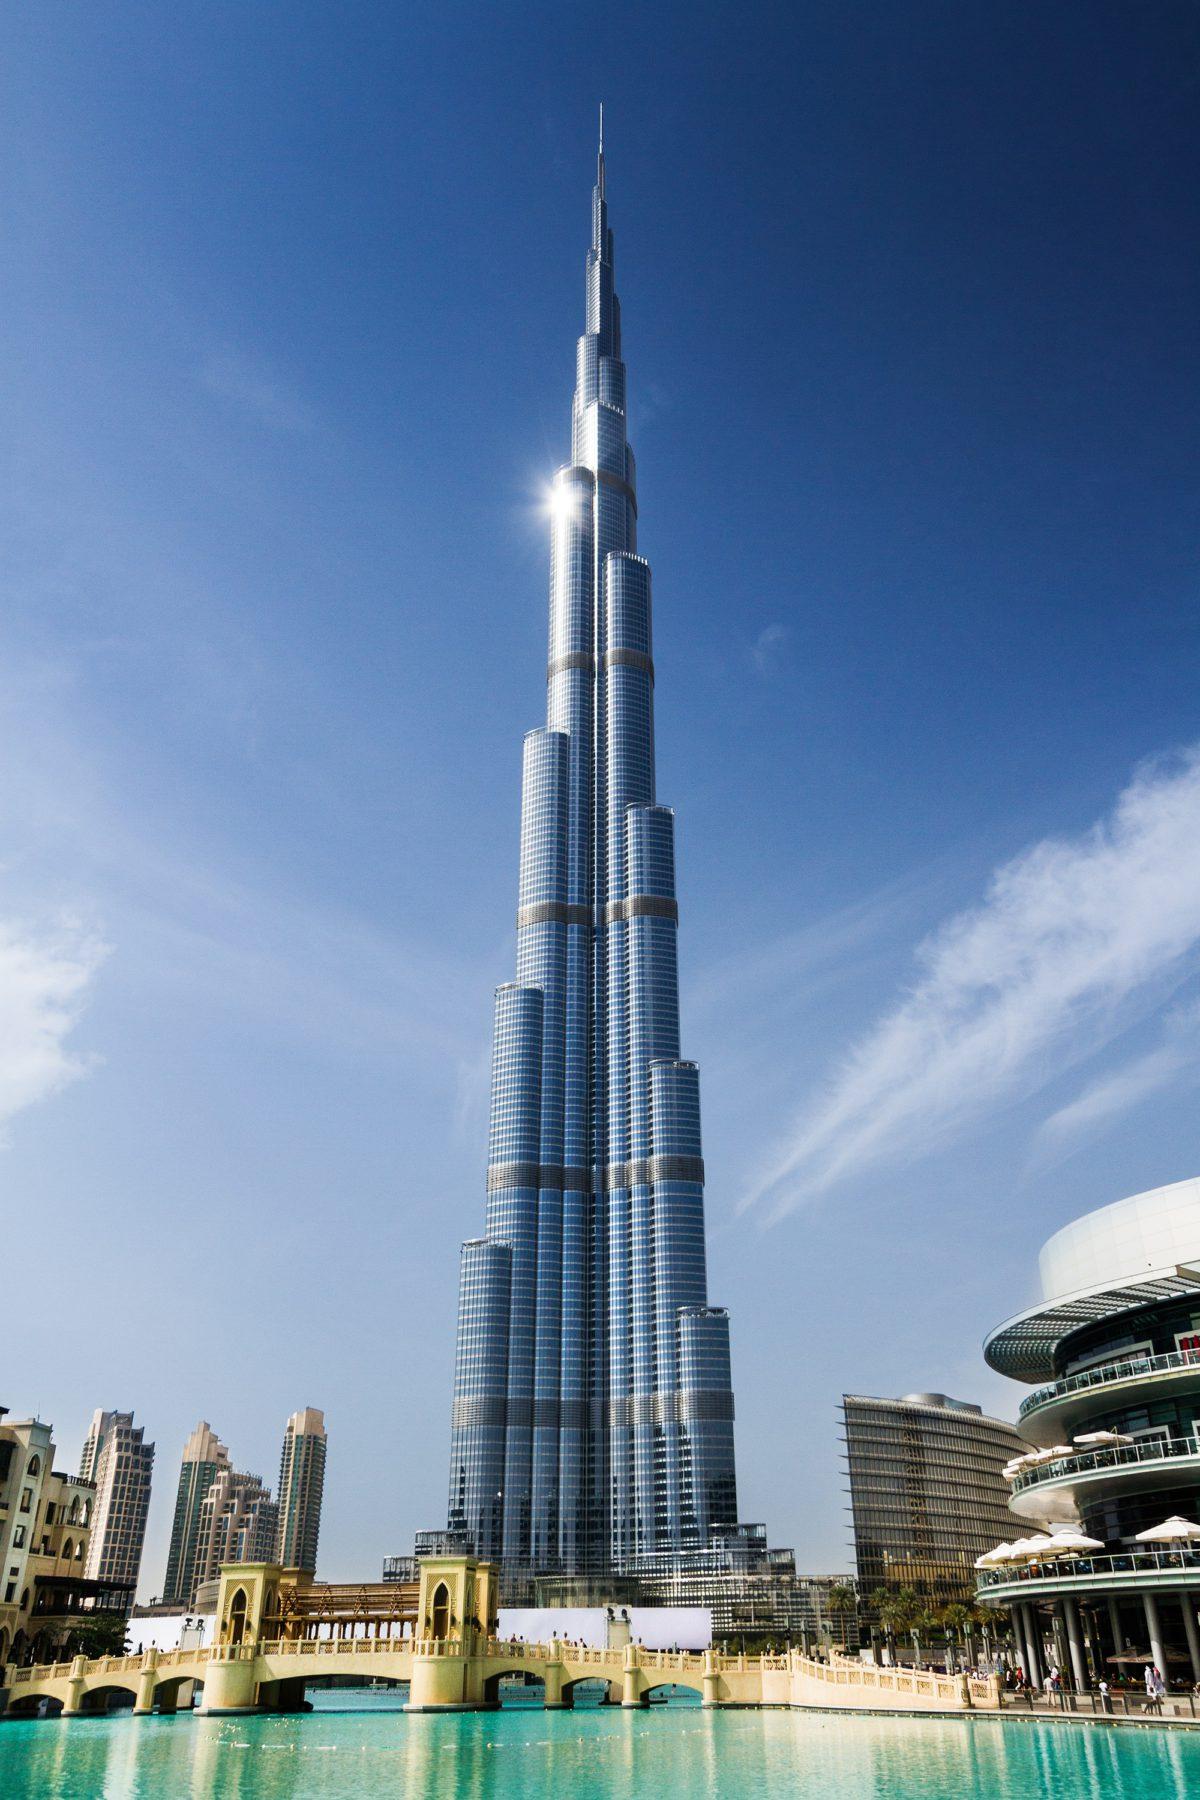 Burj Khalifa w Dubaju. Forma zewnętrzna budynku nawiązuje do kwiatu ismeny